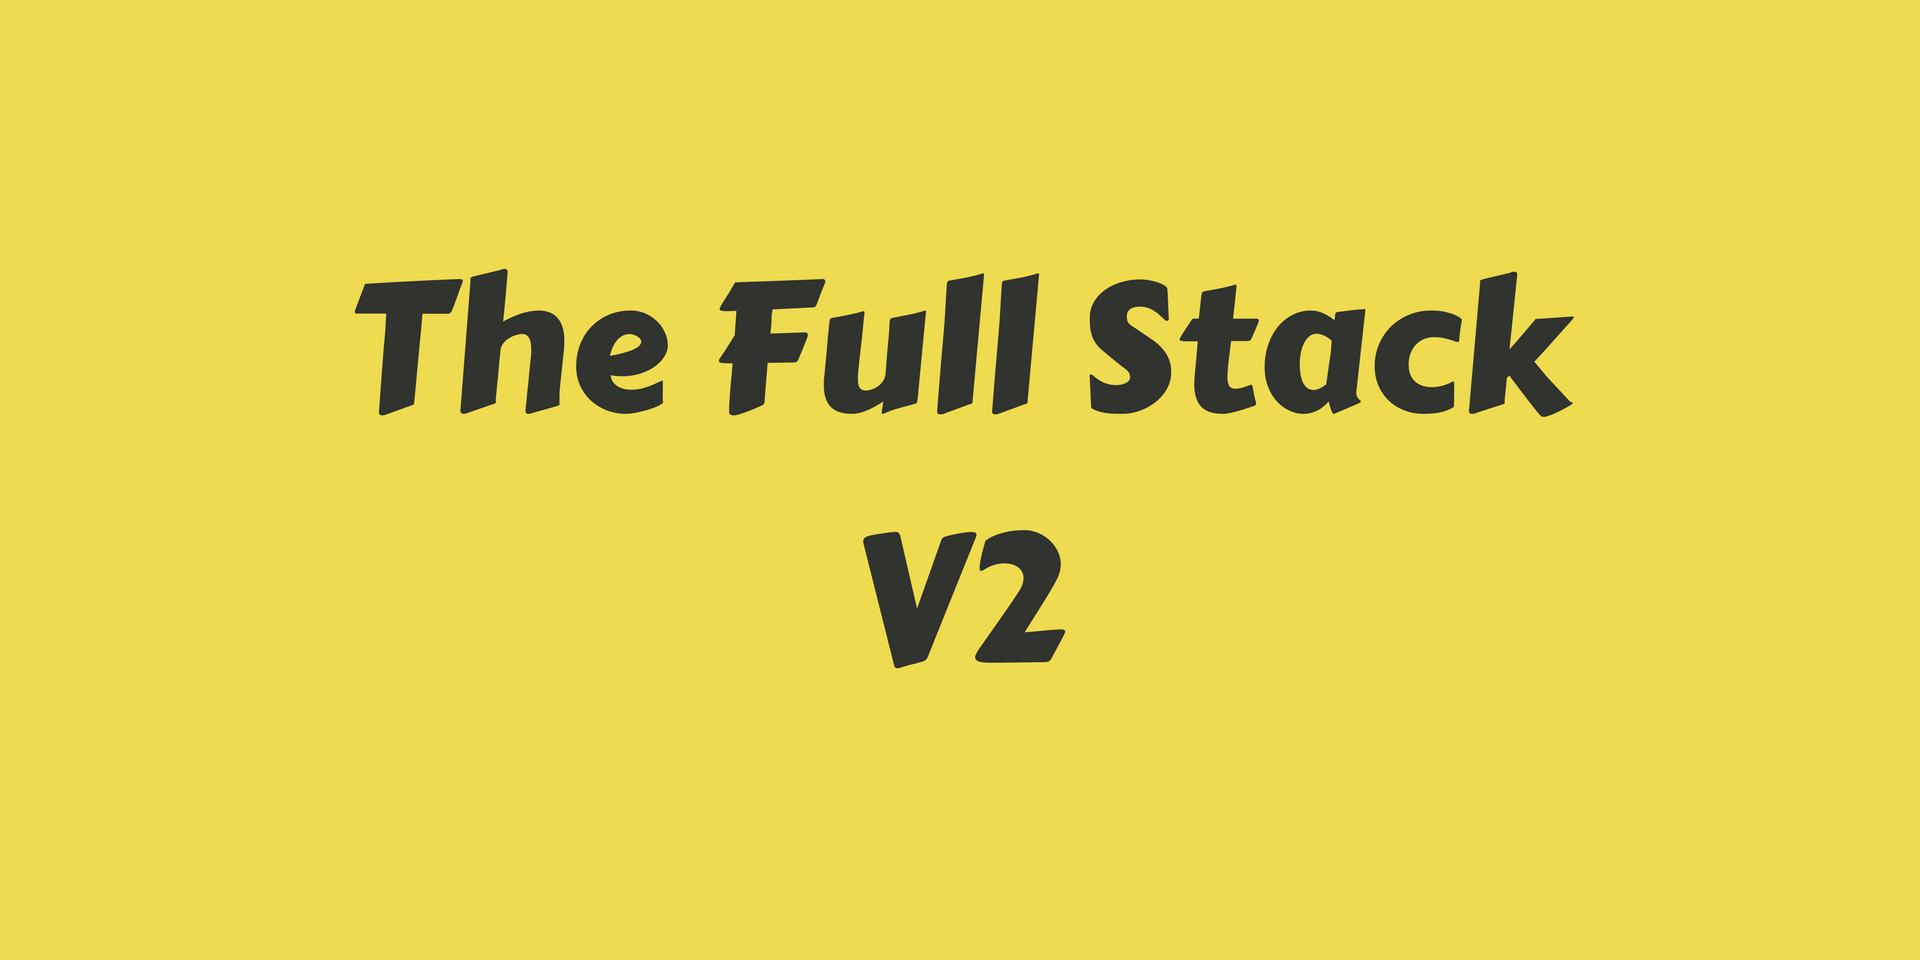 full-stack-javascript-blog